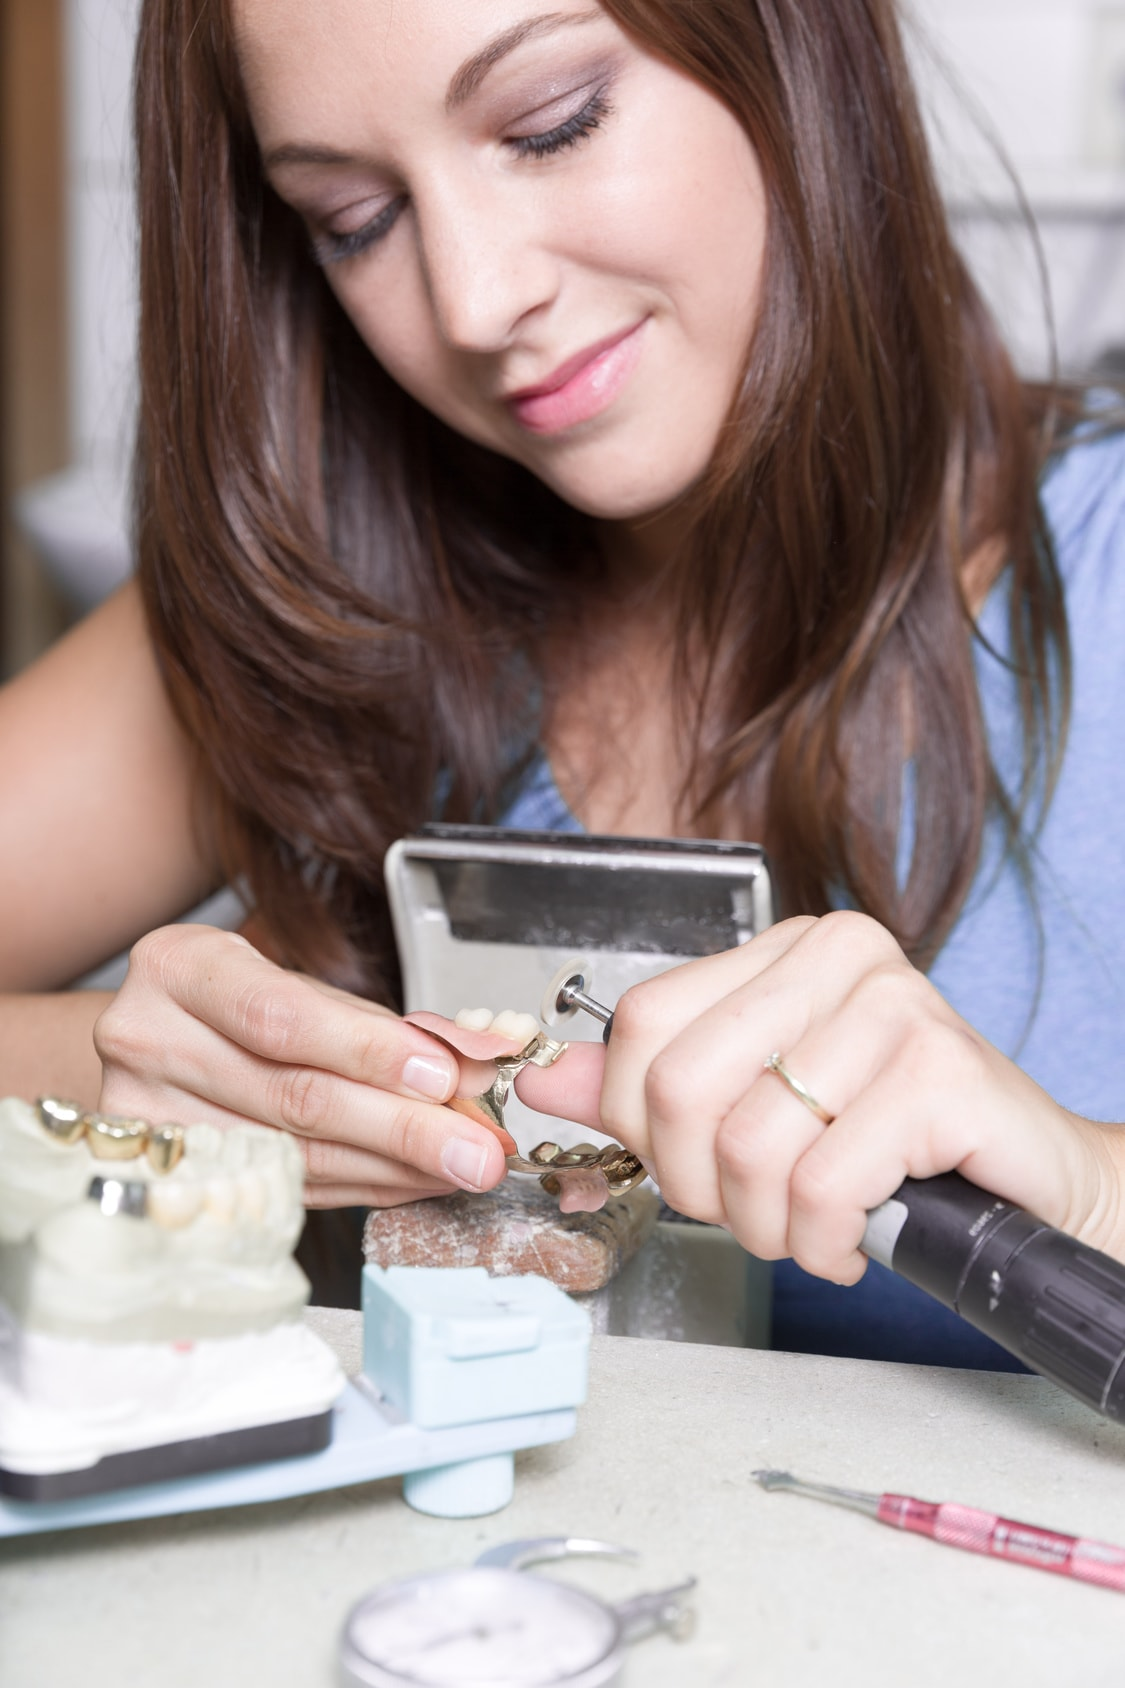 Travail sur prothèse dentaire